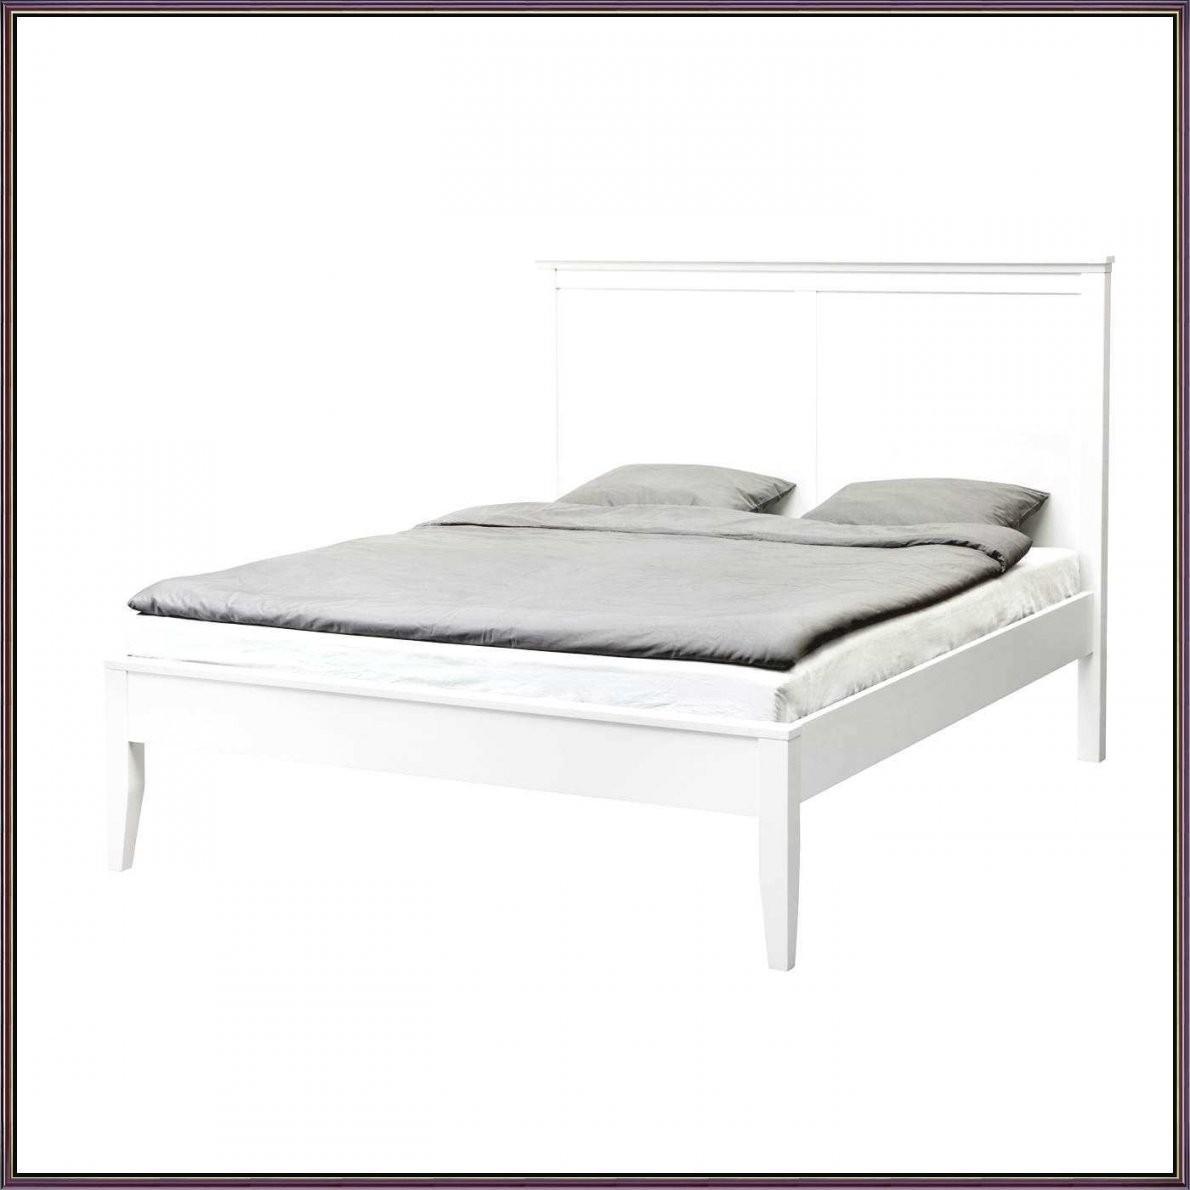 Full Size of Pappbett Ikea Bett 140x200 Zurich Zuhause Betten 160x200 Modulküche Bei Küche Kaufen Sofa Mit Schlaffunktion Kosten Miniküche Wohnzimmer Pappbett Ikea